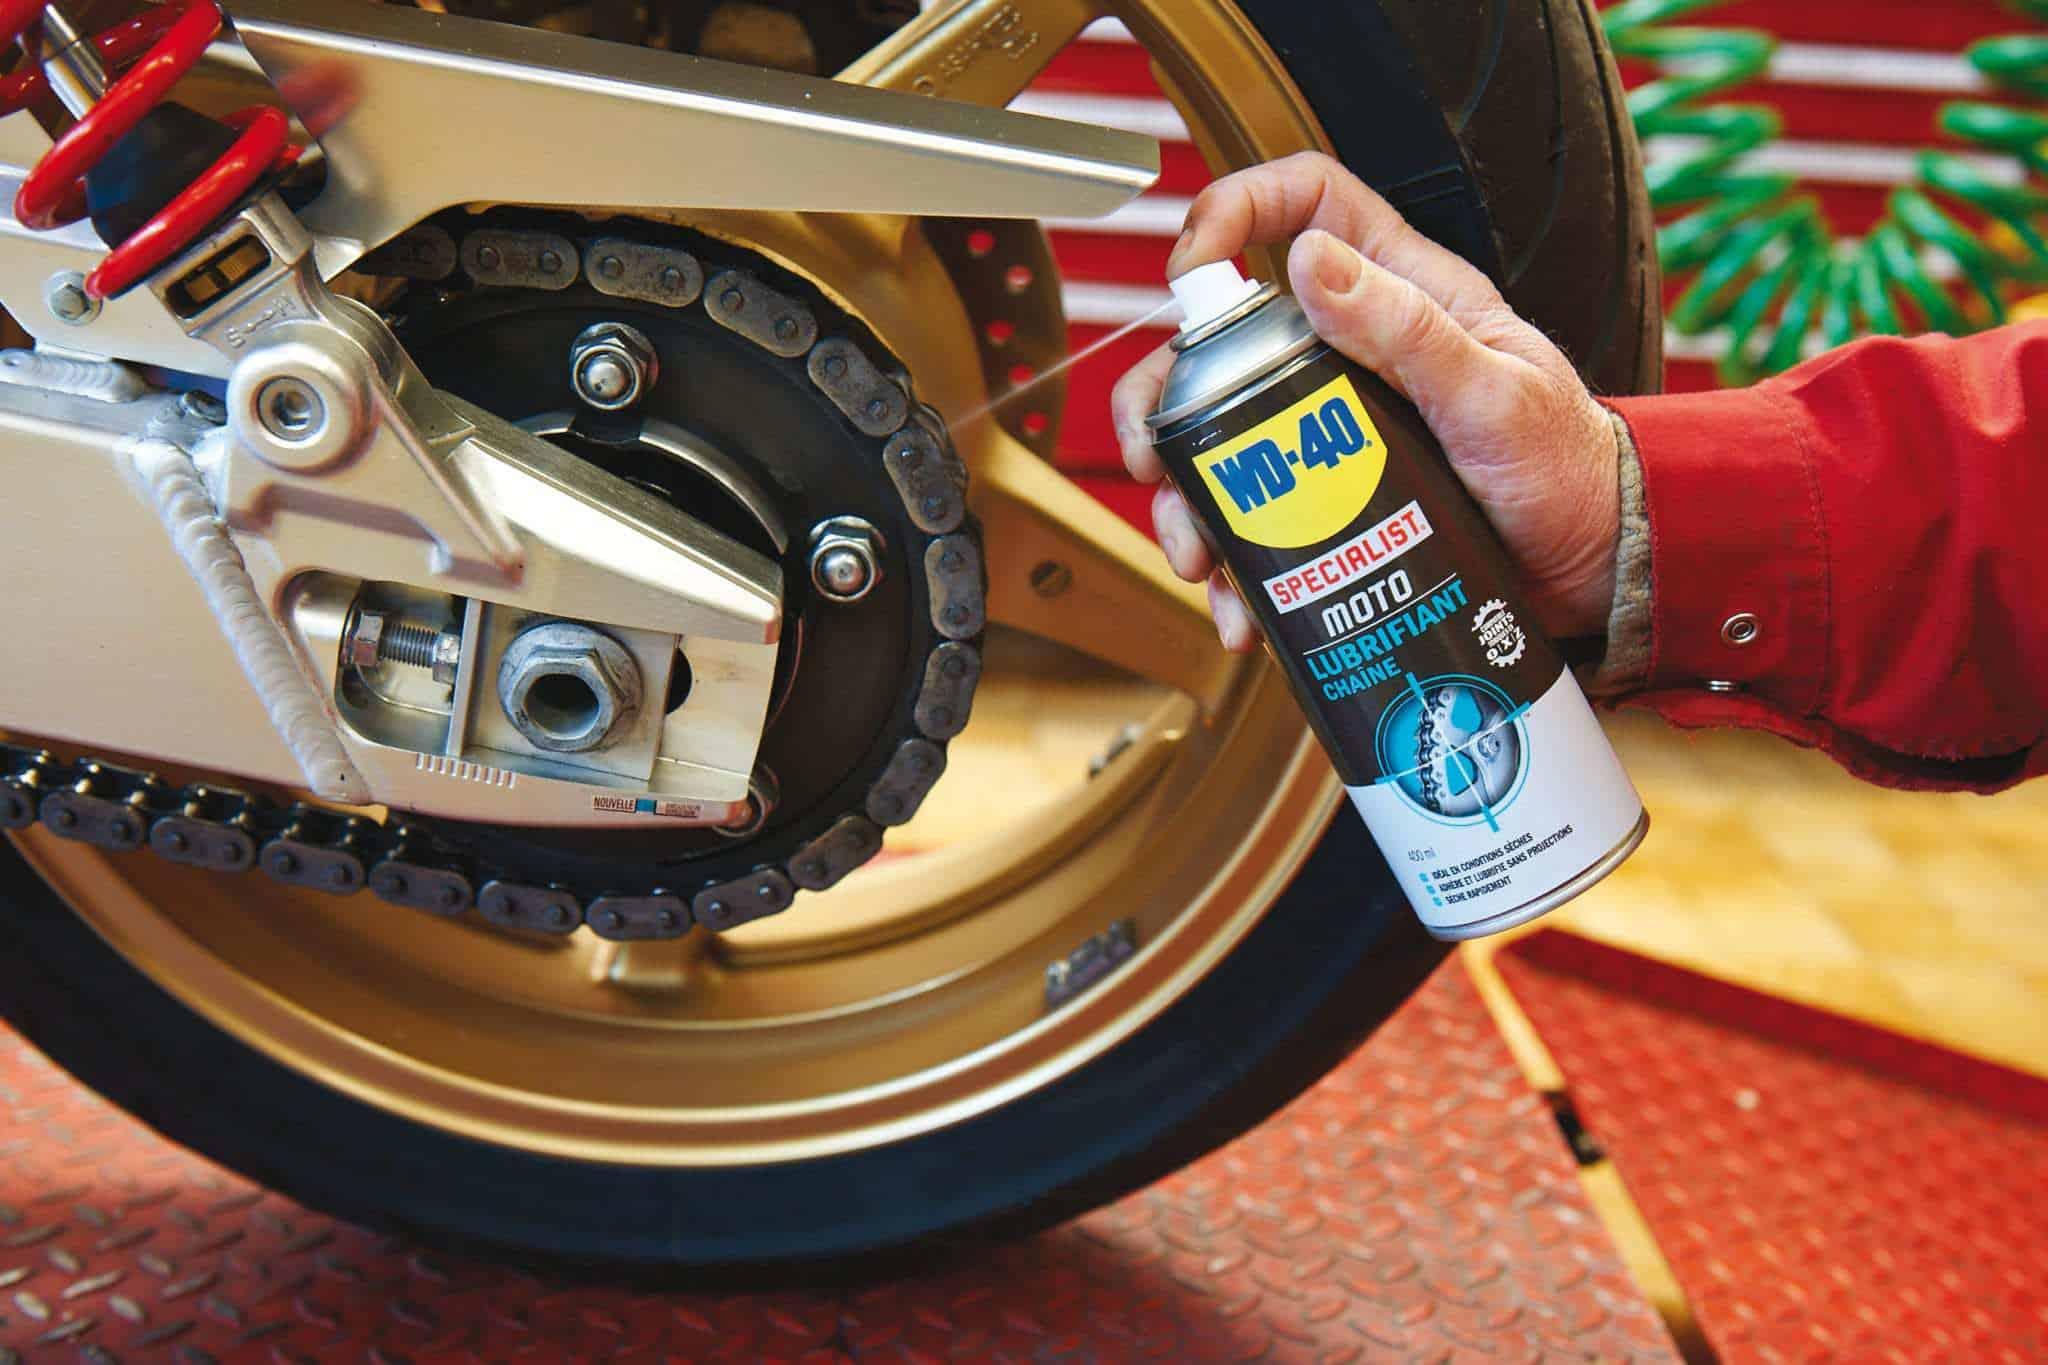 85 passo a passo para lubrificar a corrente da moto